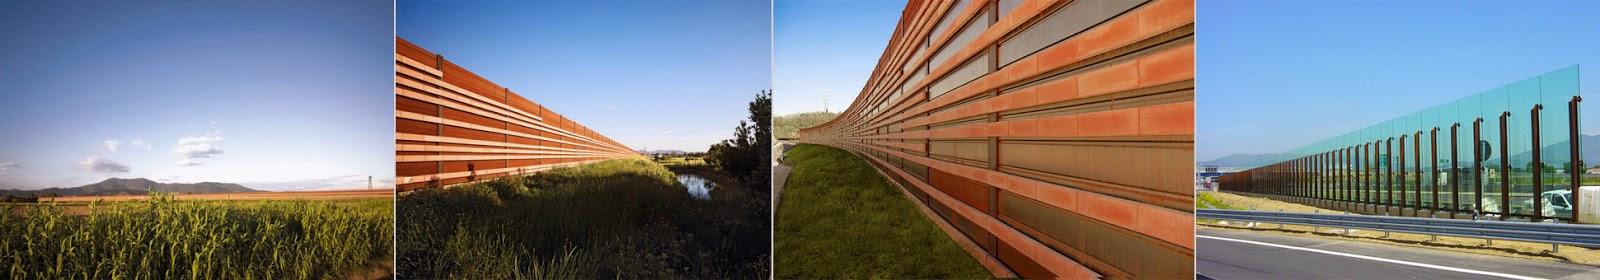 Dov 39 l 39 architettura italiana il disegno delle for Strumento di disegno di architettura online